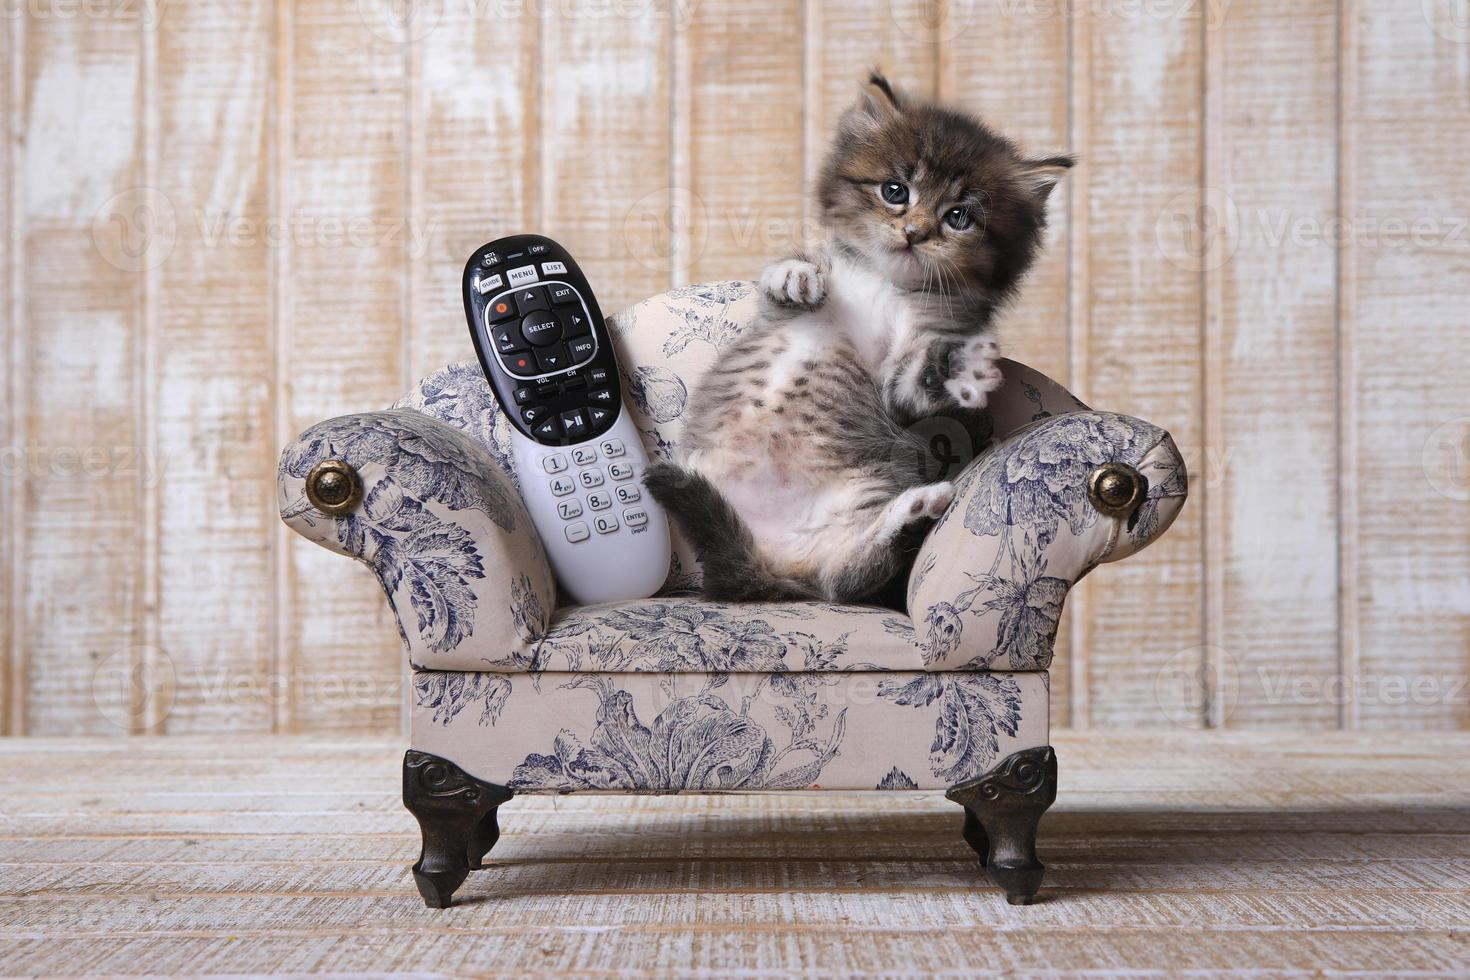 Adorable gatito relajándose en el sofá con control remoto foto